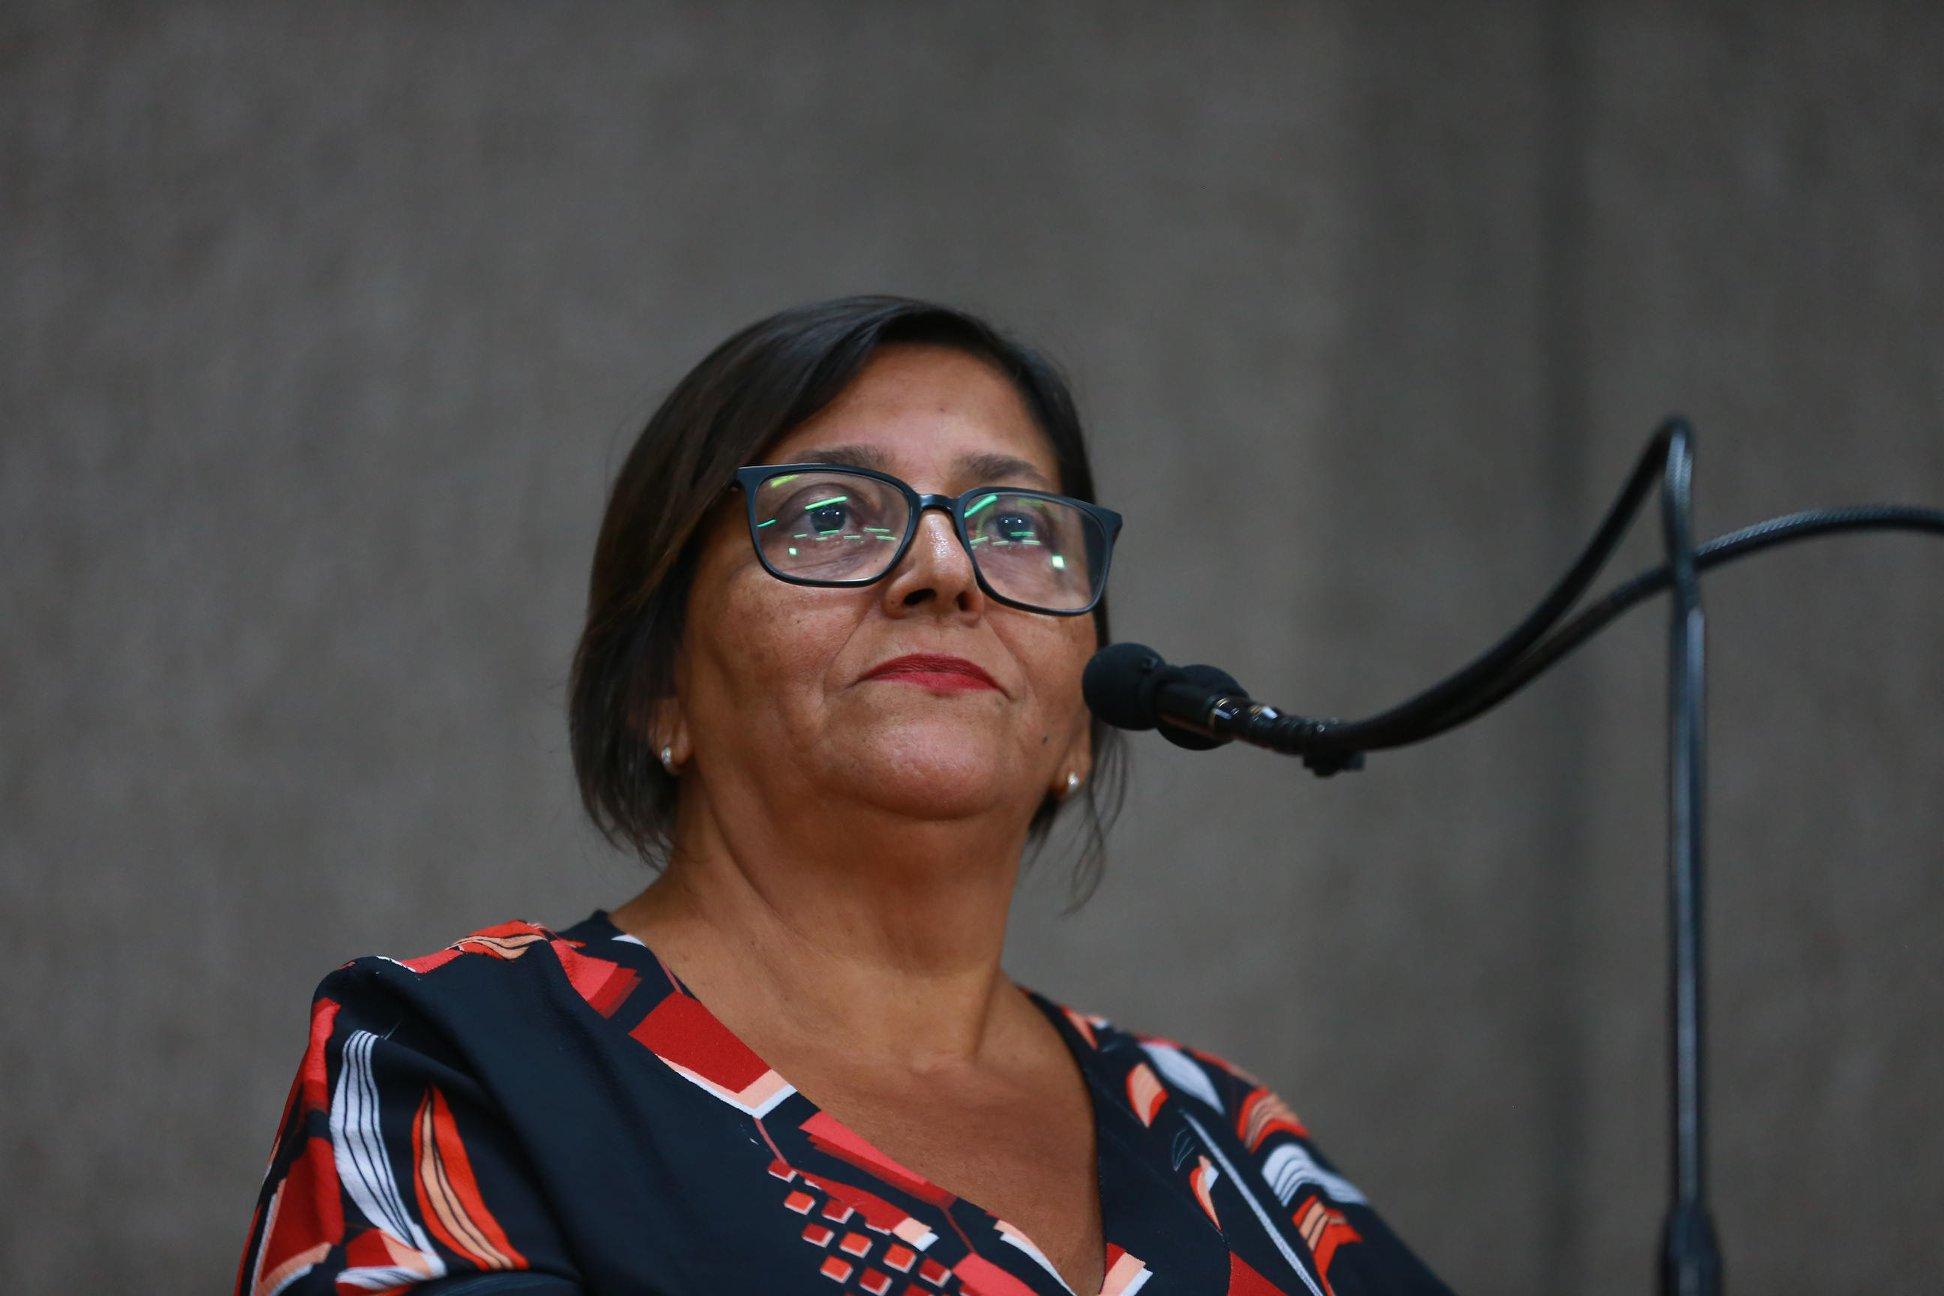 #PraTodoMundoVer Professora Margarida falando ao microfone na tribuna. Ela tem cabelos pretos curtos, usa óculos e roupa preta com estampa vermelha. (Foto: César de Oliveira)